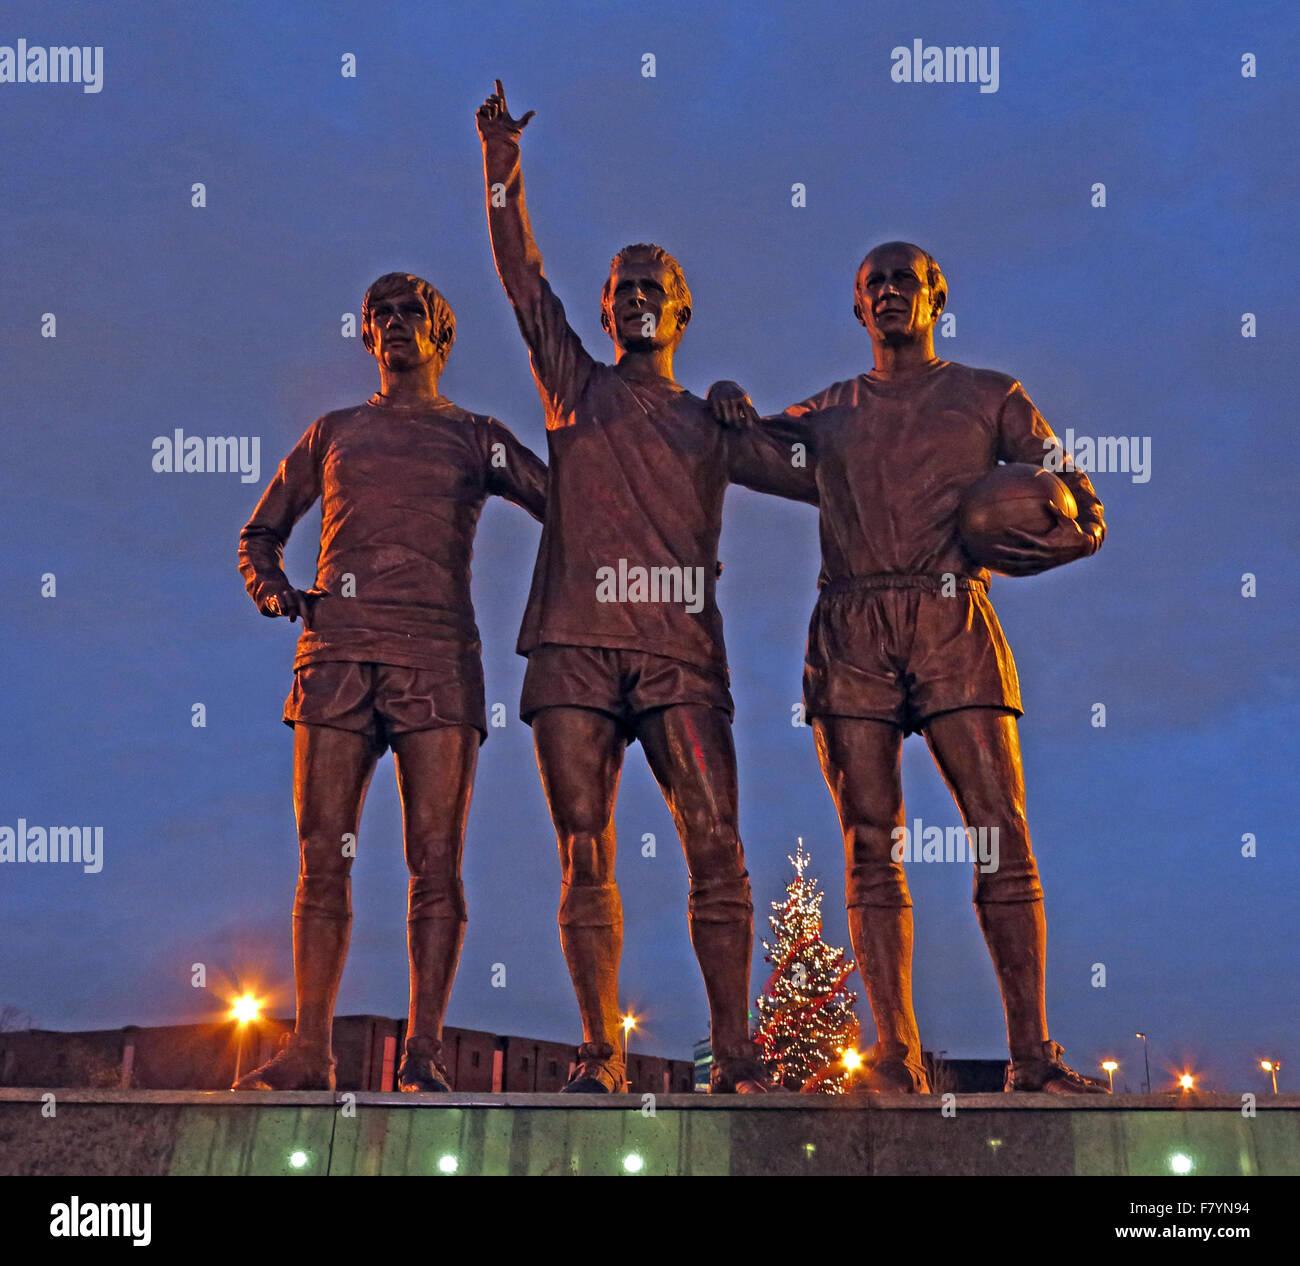 Laden Sie dieses Alamy Stockfoto Vereinigte Trinity/Heilige Dreifaltigkeit Statue von Manchester United Trio von Bobby Charlton, George Best und Denis Law in der Abenddämmerung - F7YN94